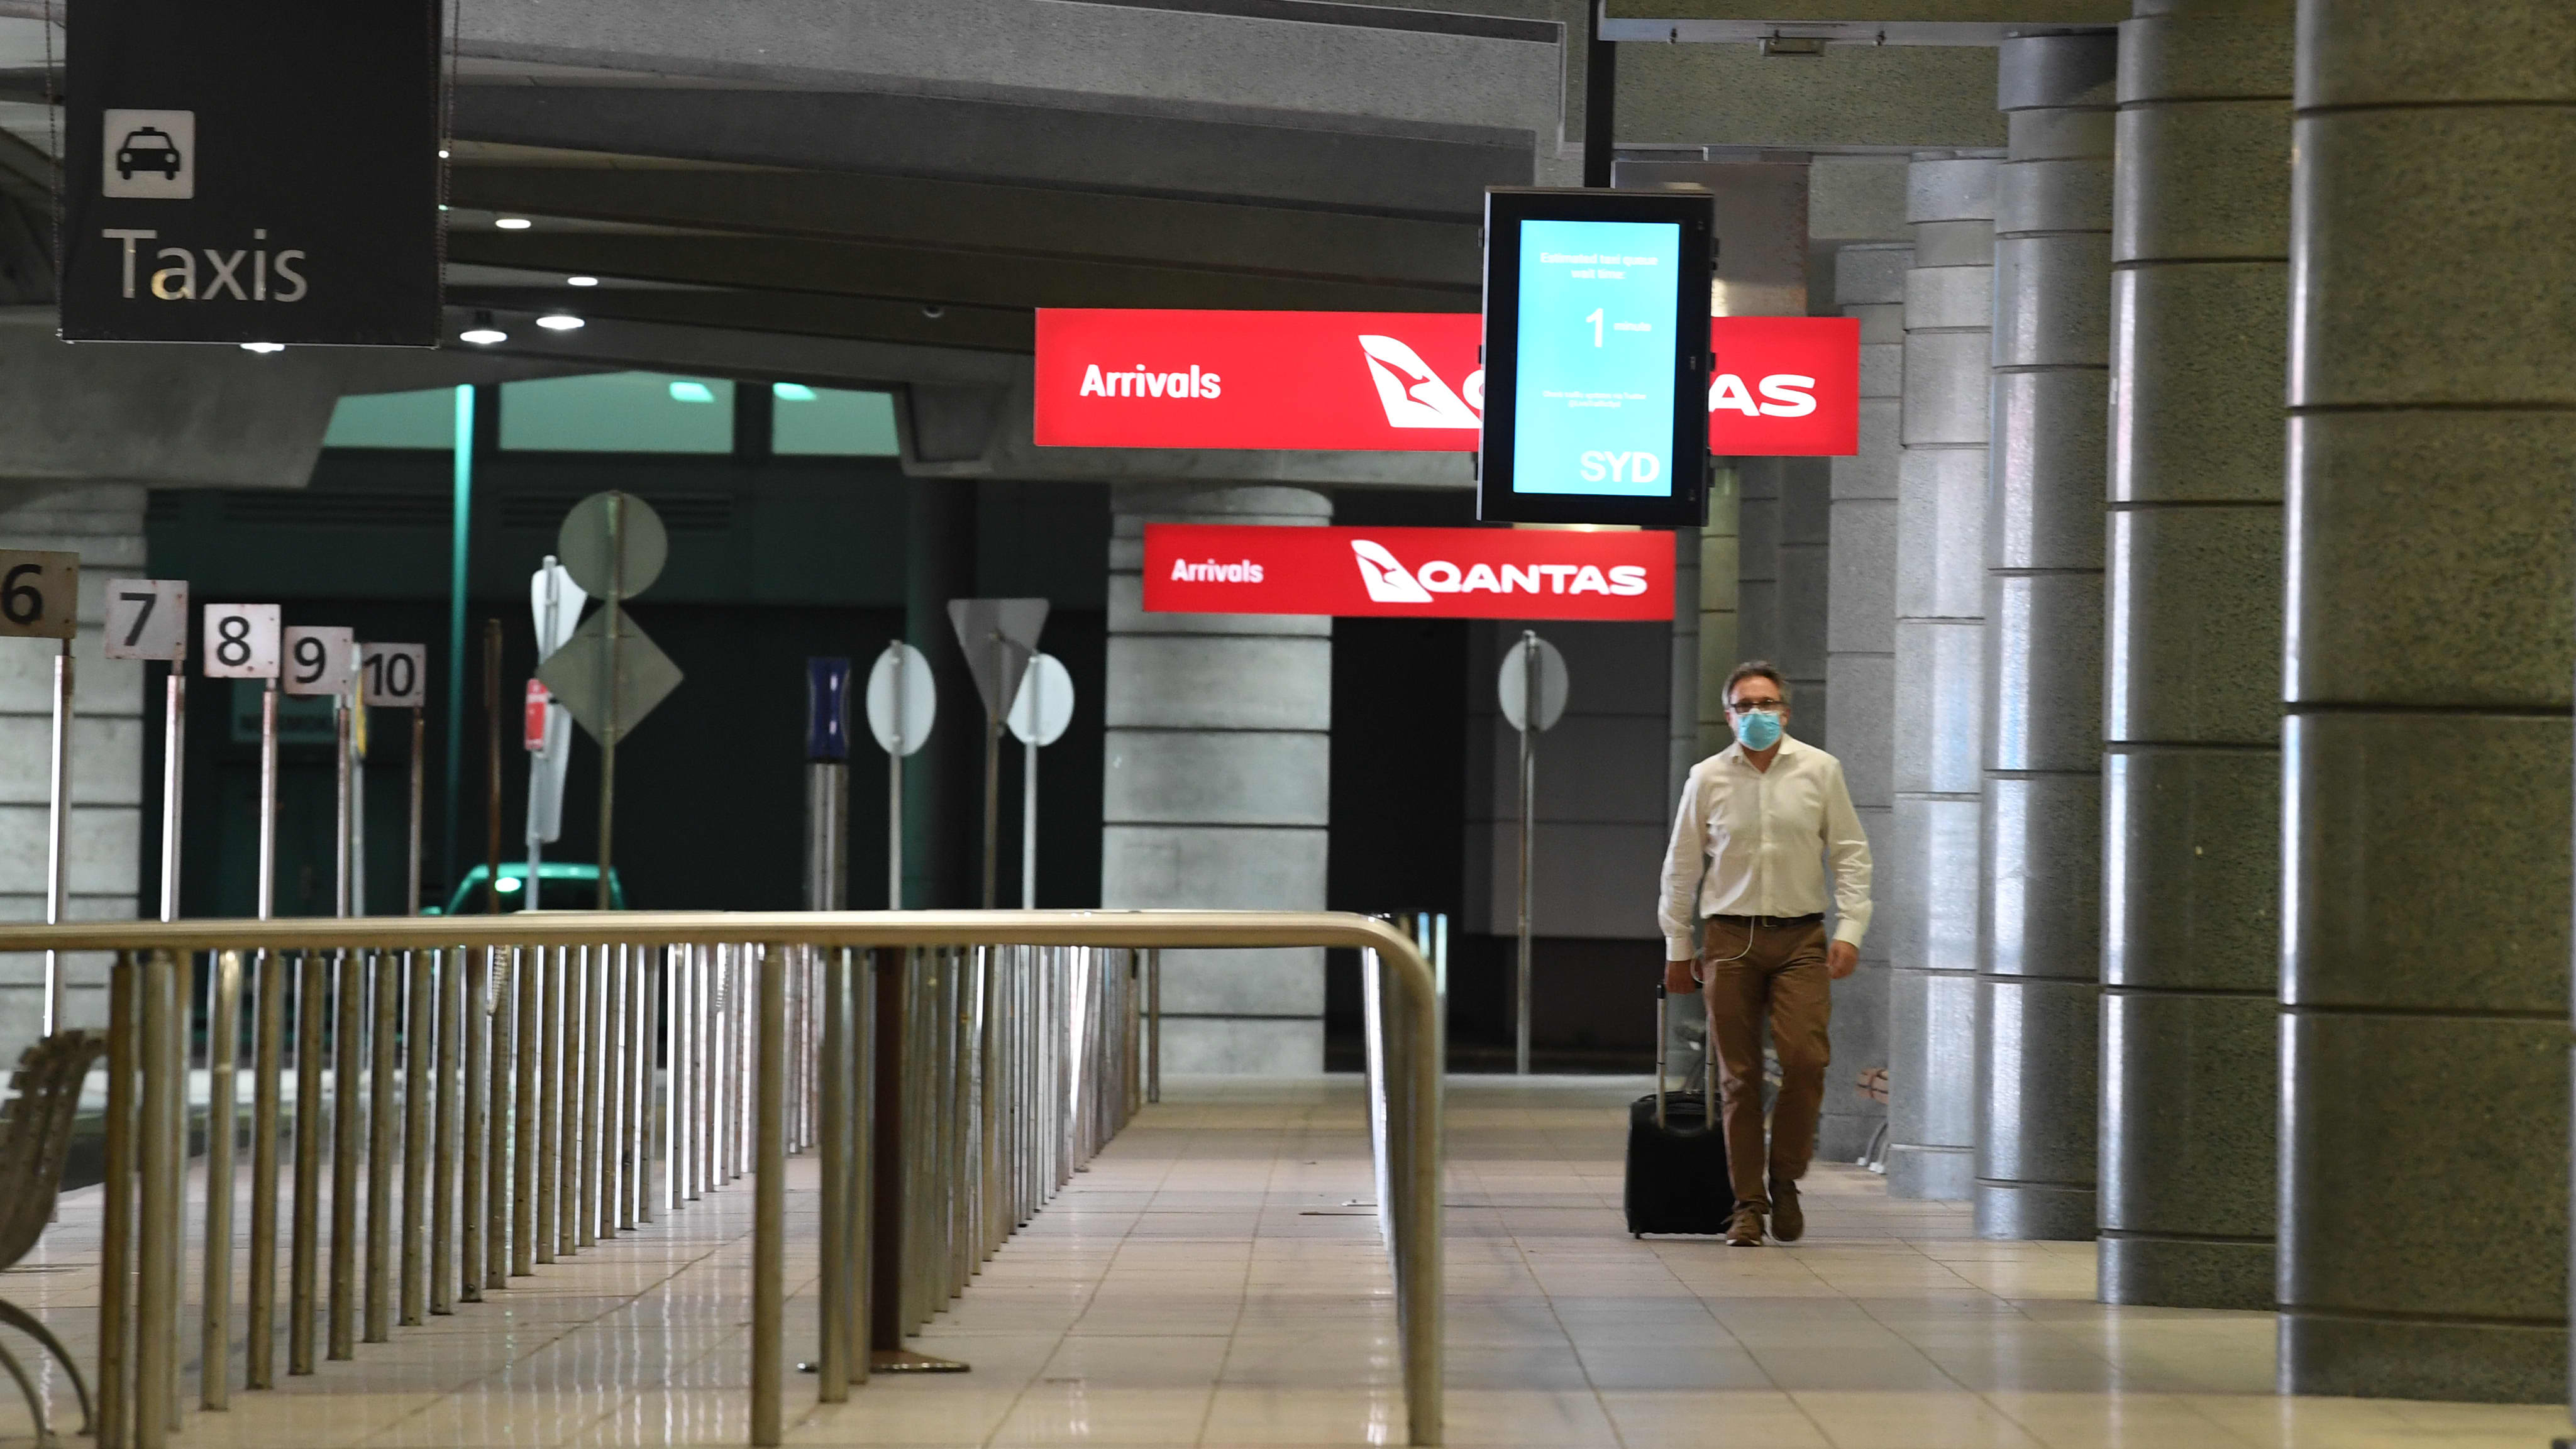 Matkustaja kävelee perässä vedettävän laukun kanssa lentokentällä.